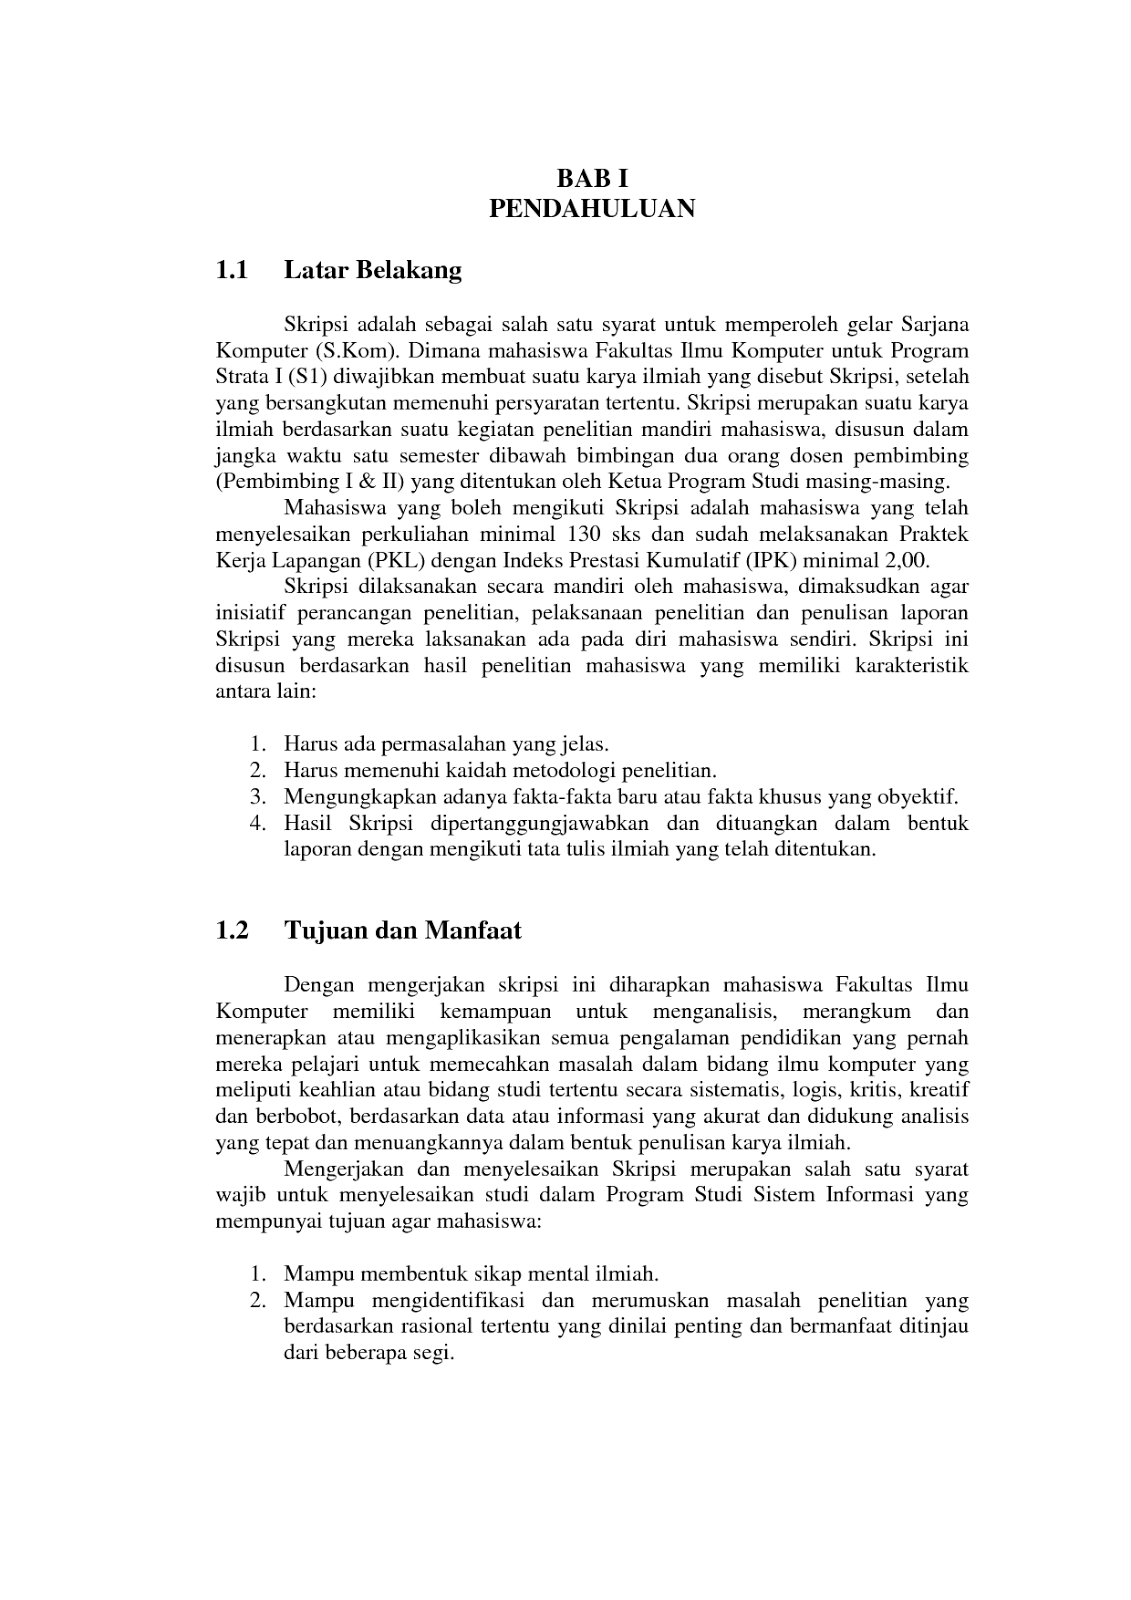 Contoh Laporan Skripsi Untuk Game Contoh Daftar Isi Yang Baik Dan Benar Untuk Laporan Proposal Penelitian Tesis Manajemen Keuangan Nex Game Apparel